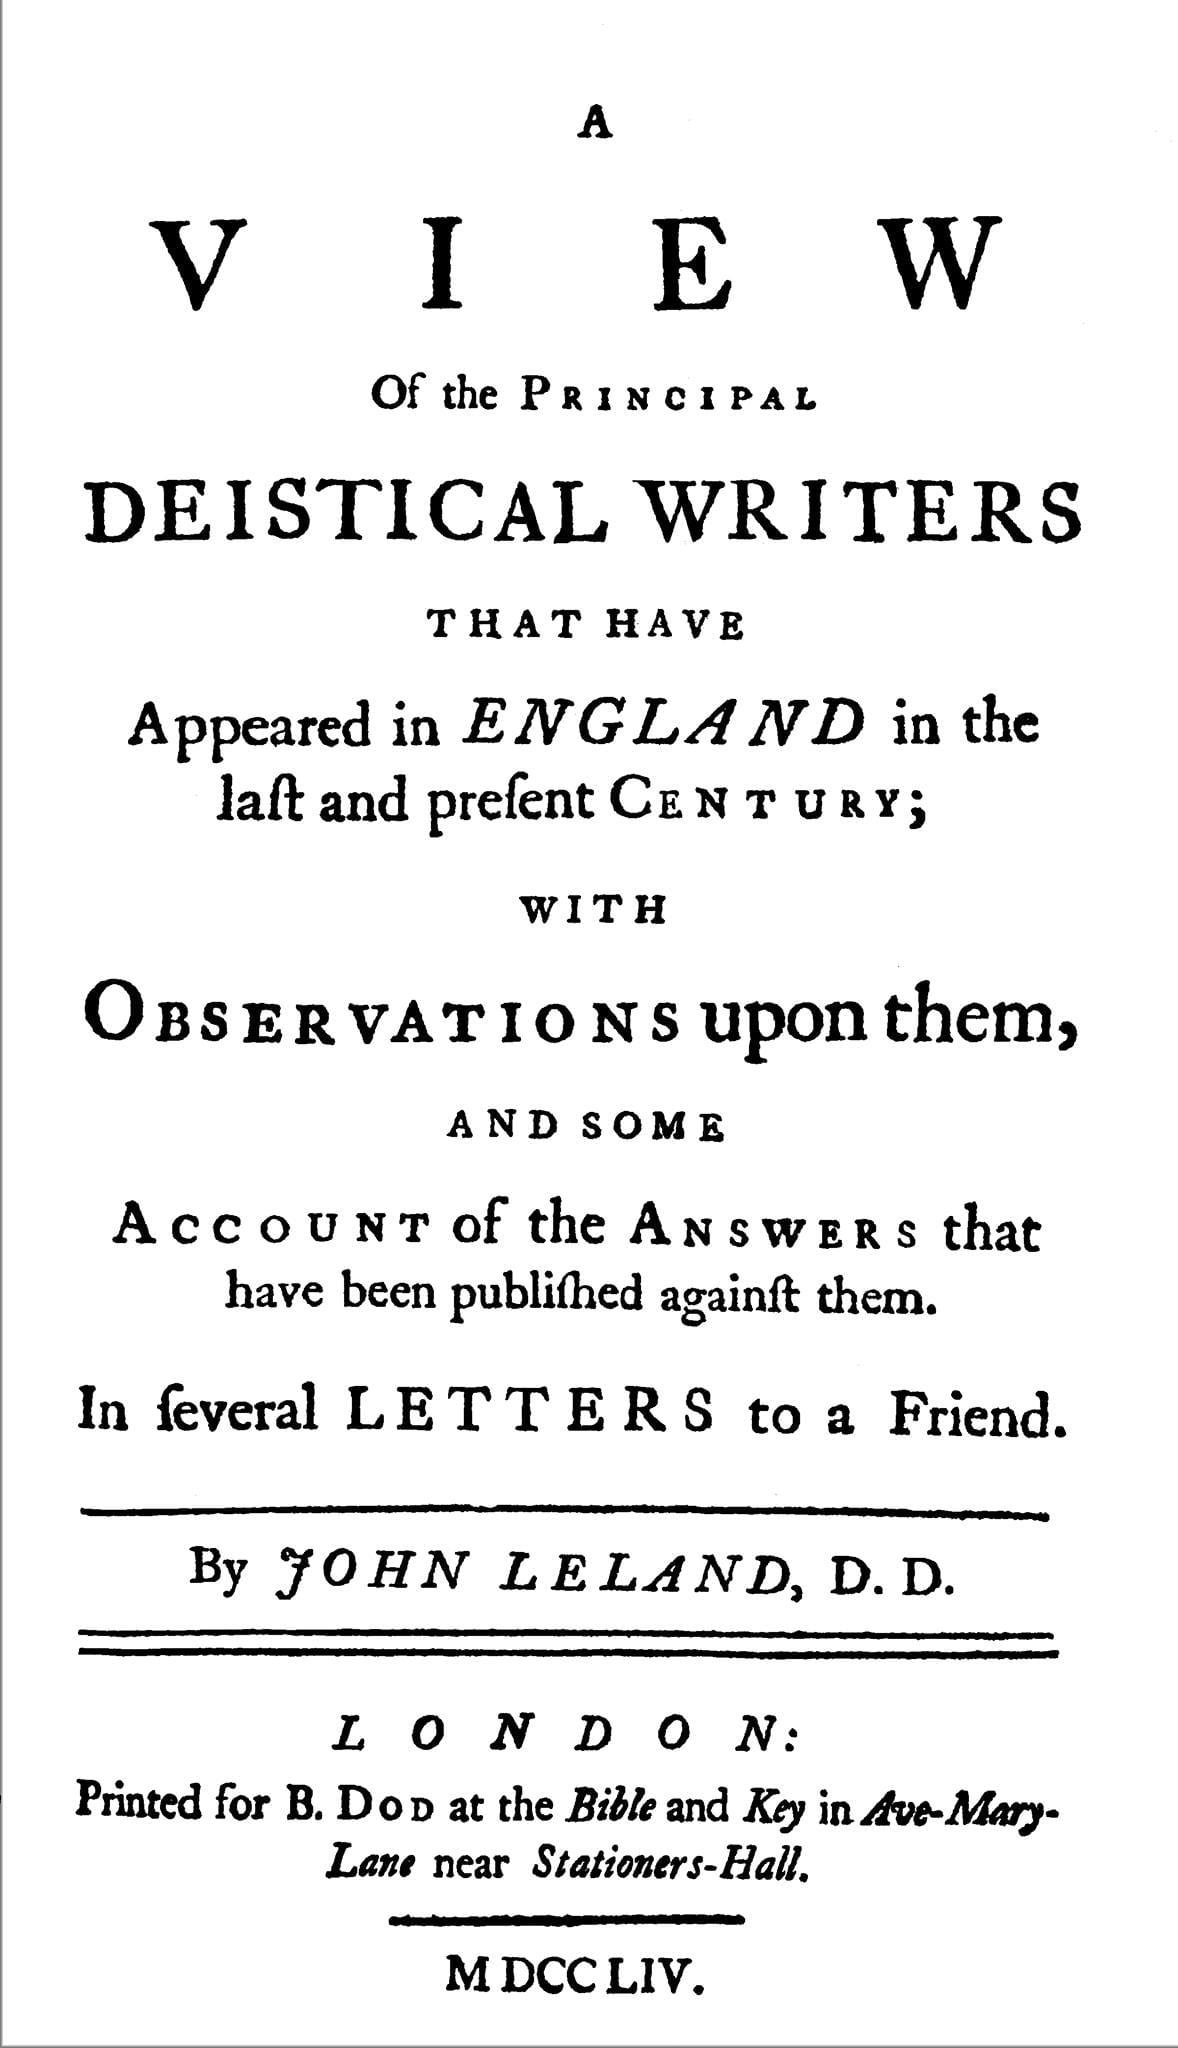 Leland, John